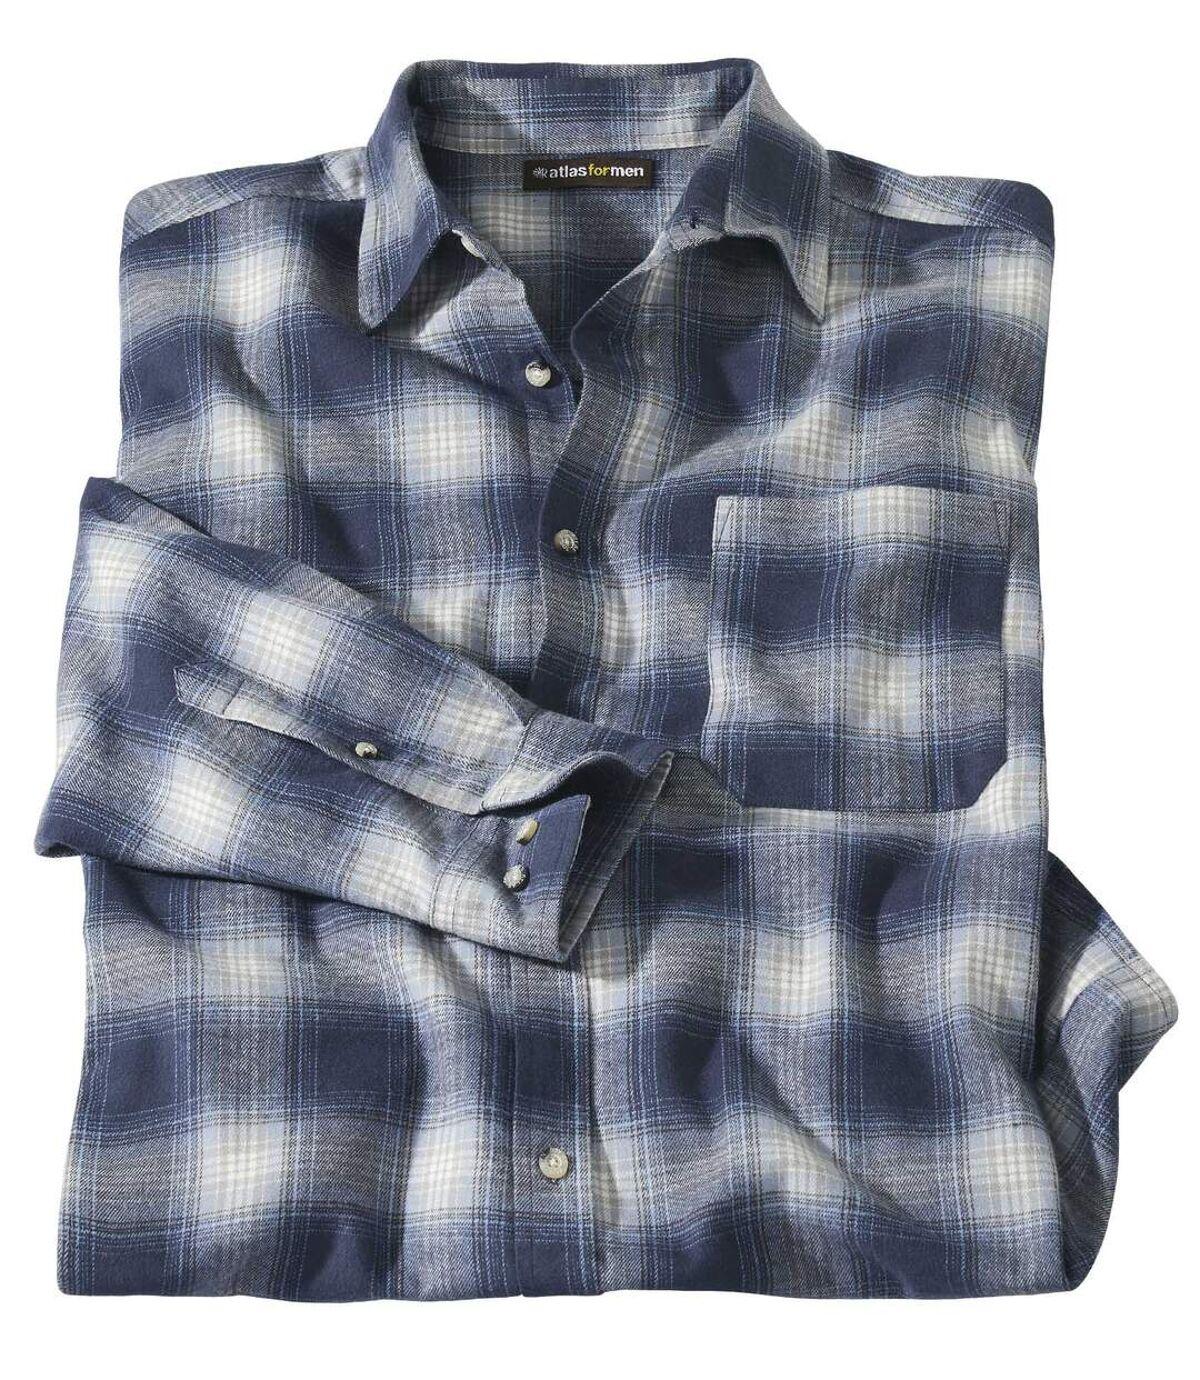 Flanelová kockovaná košeľa Fantázia Atlas For Men